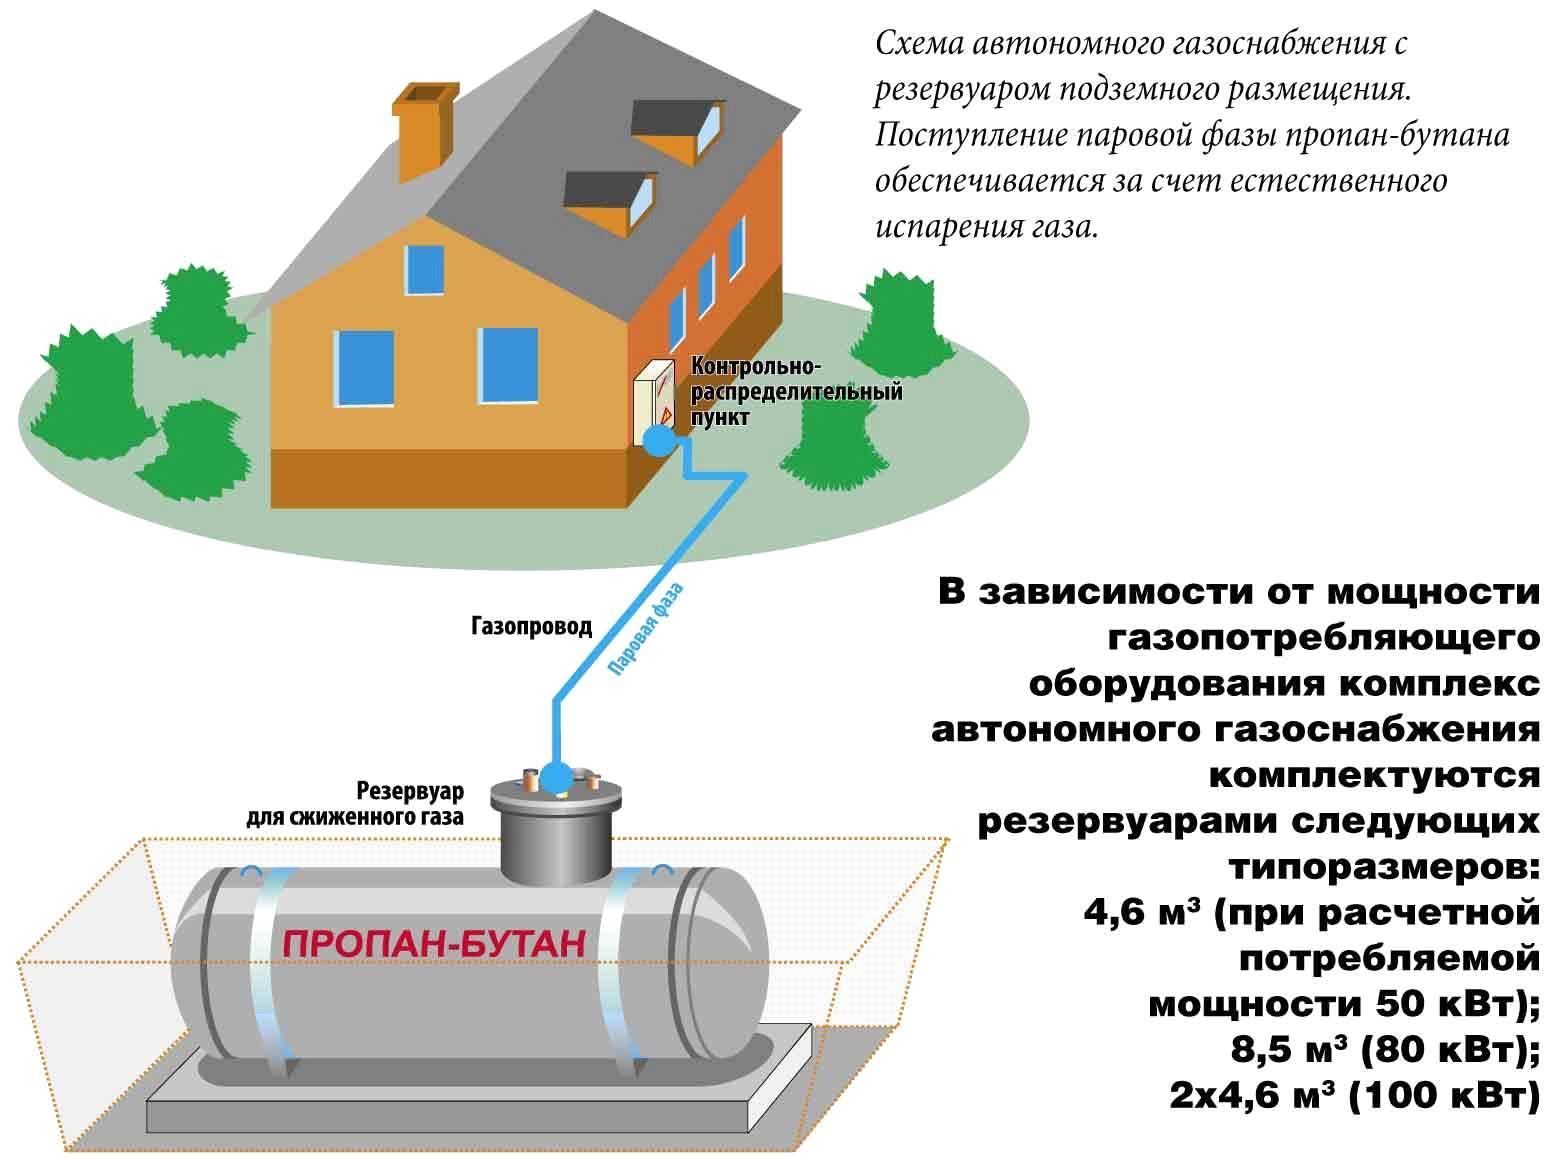 Автономная газификация своими руками